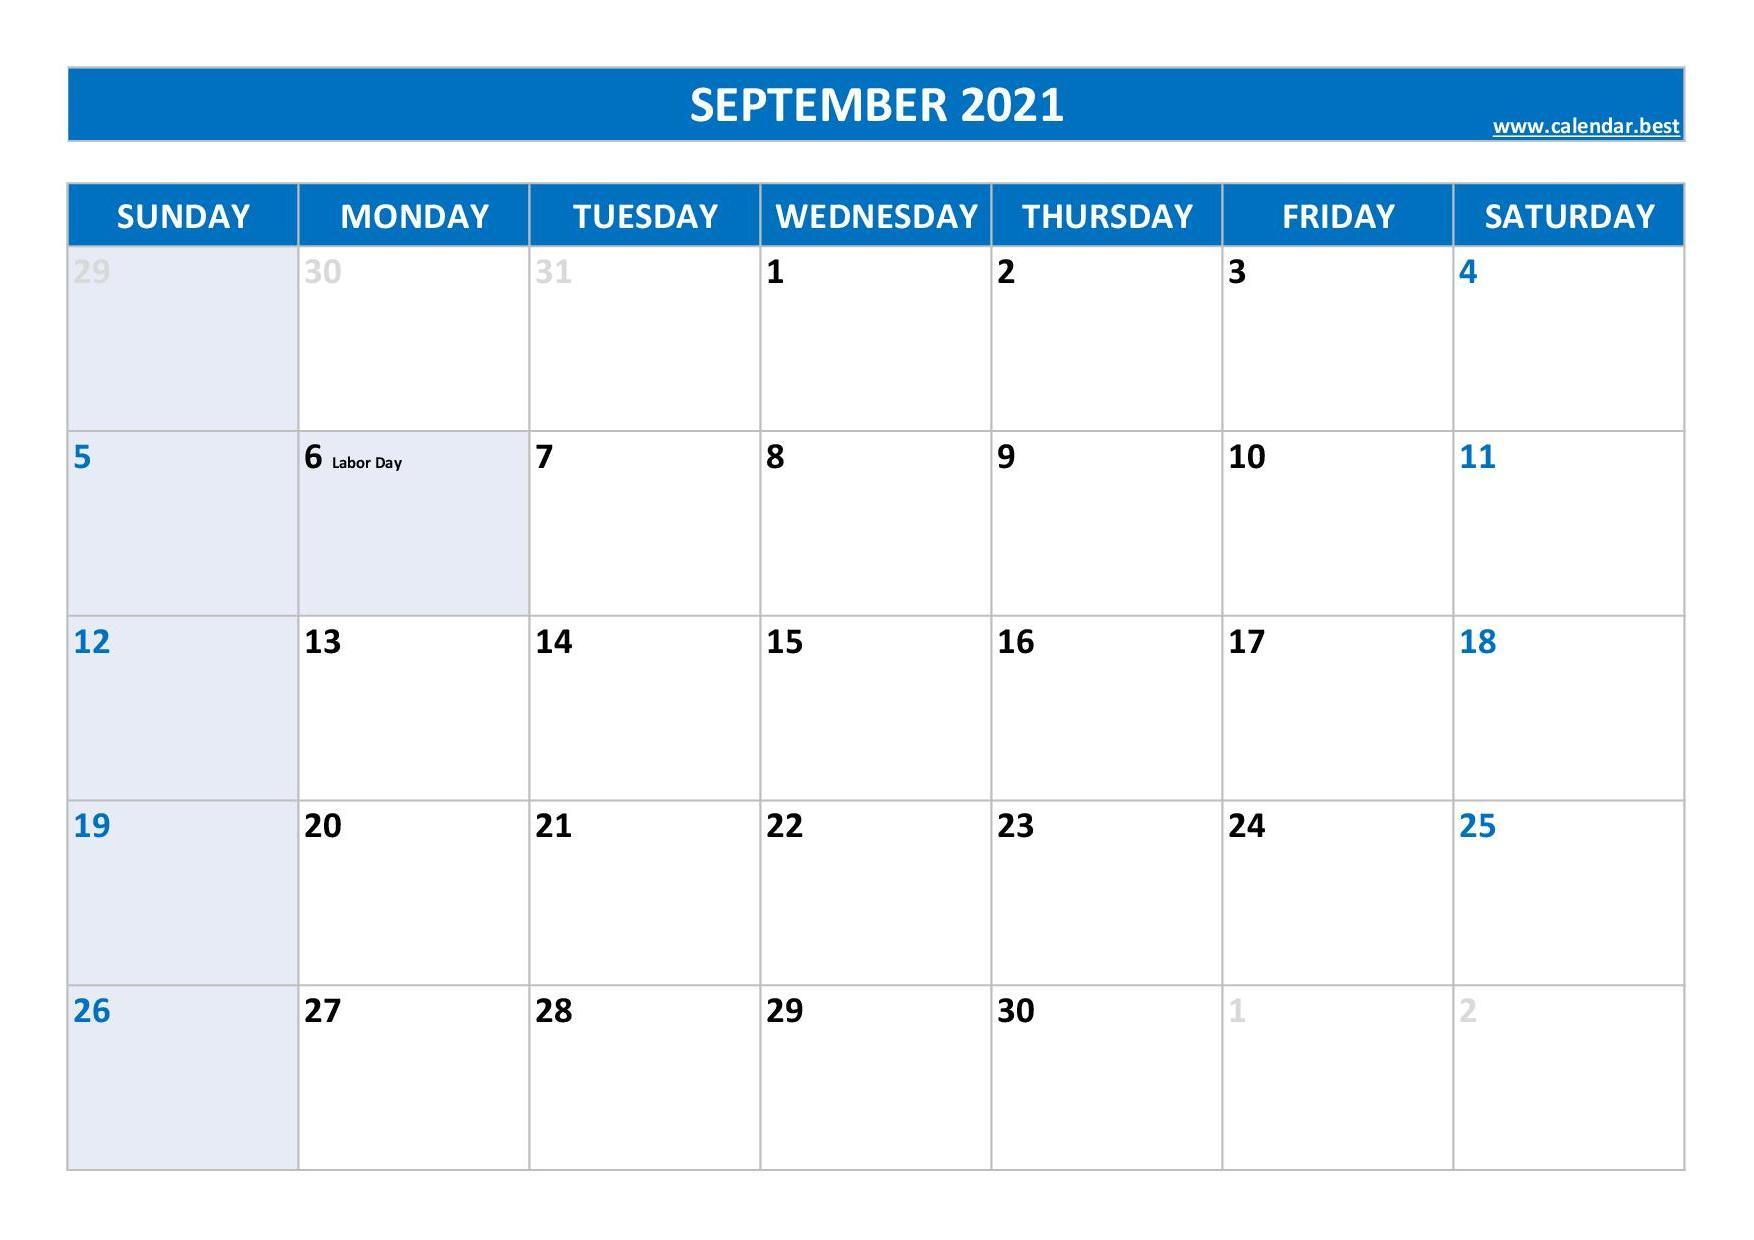 September 2021 Local Holidays Calendar